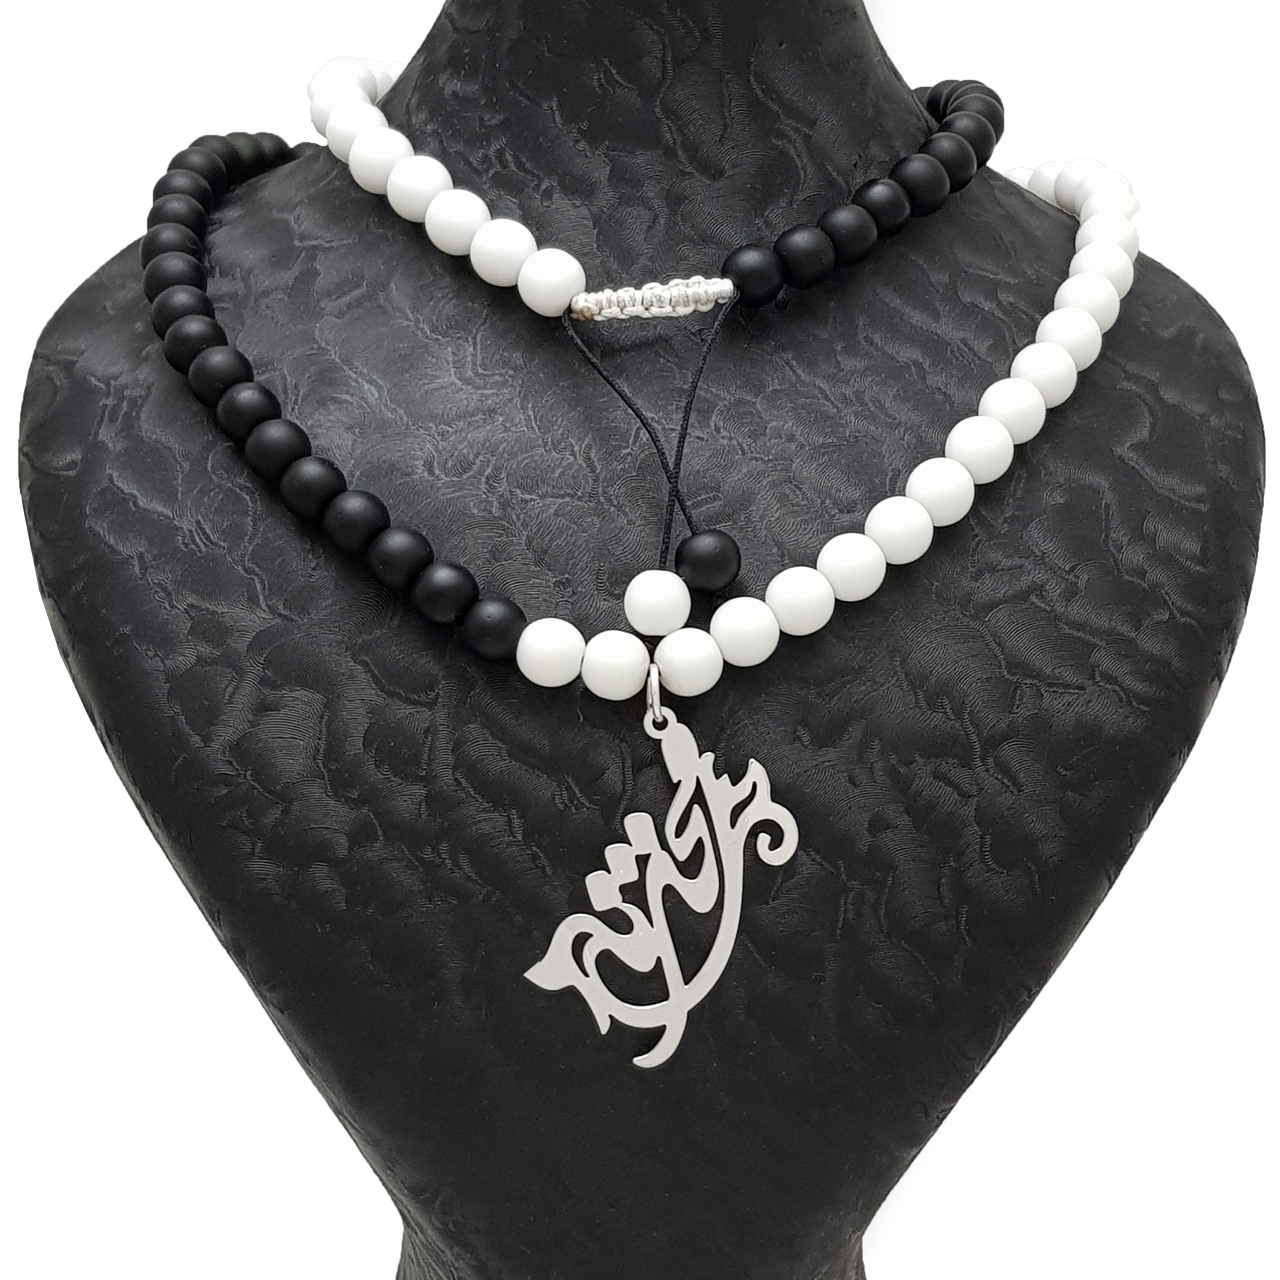 قیمت گردنبند زنانه طرح  اسم محدثه کد B075